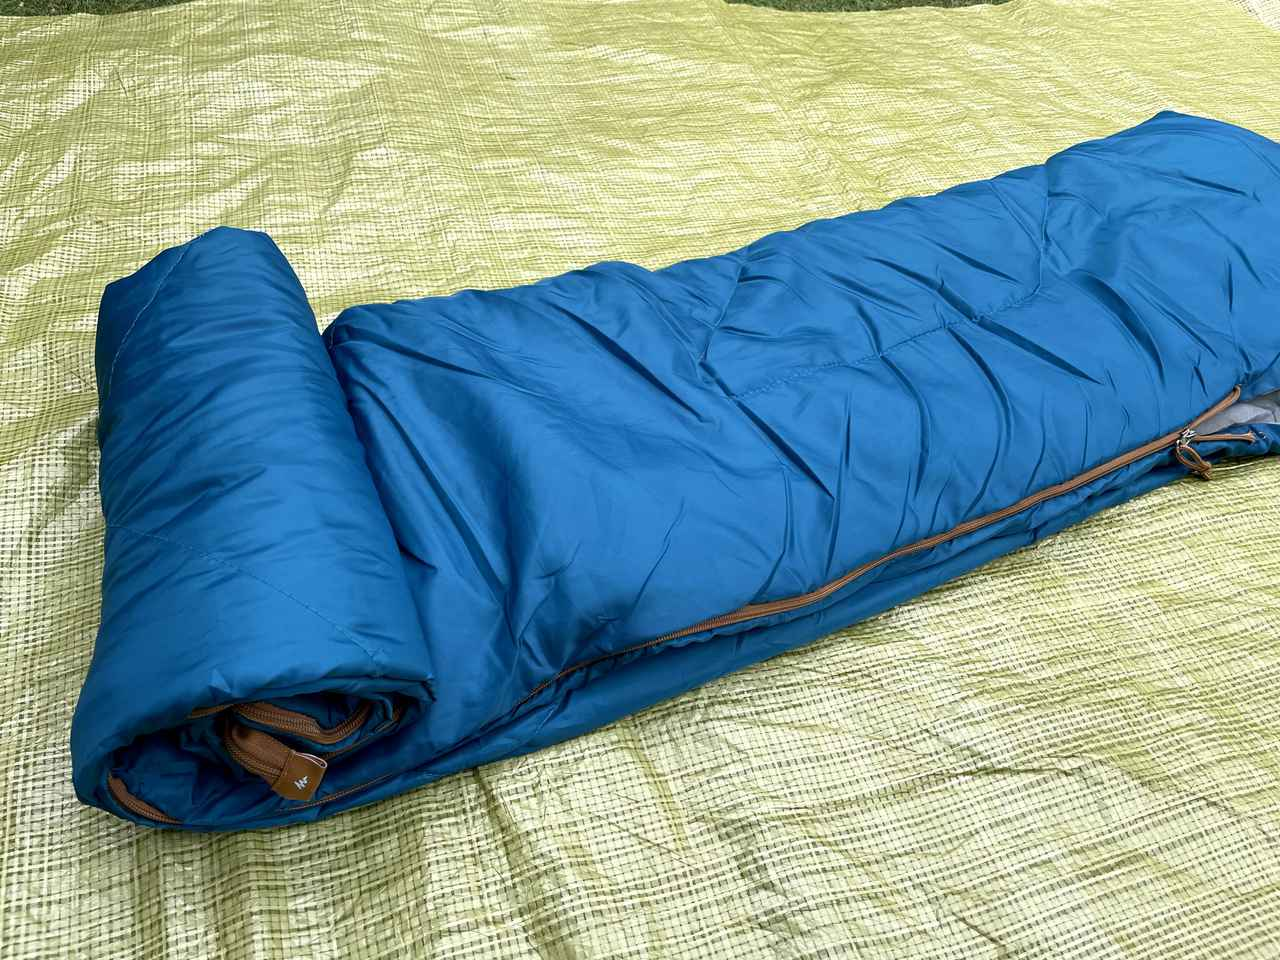 画像3: 【初夏〜秋の寝袋】デカトロン QUECHUA (ケシュア) 洗えるシュラフ ARPENAZ 20℃はキャンプデビューにオススメ!